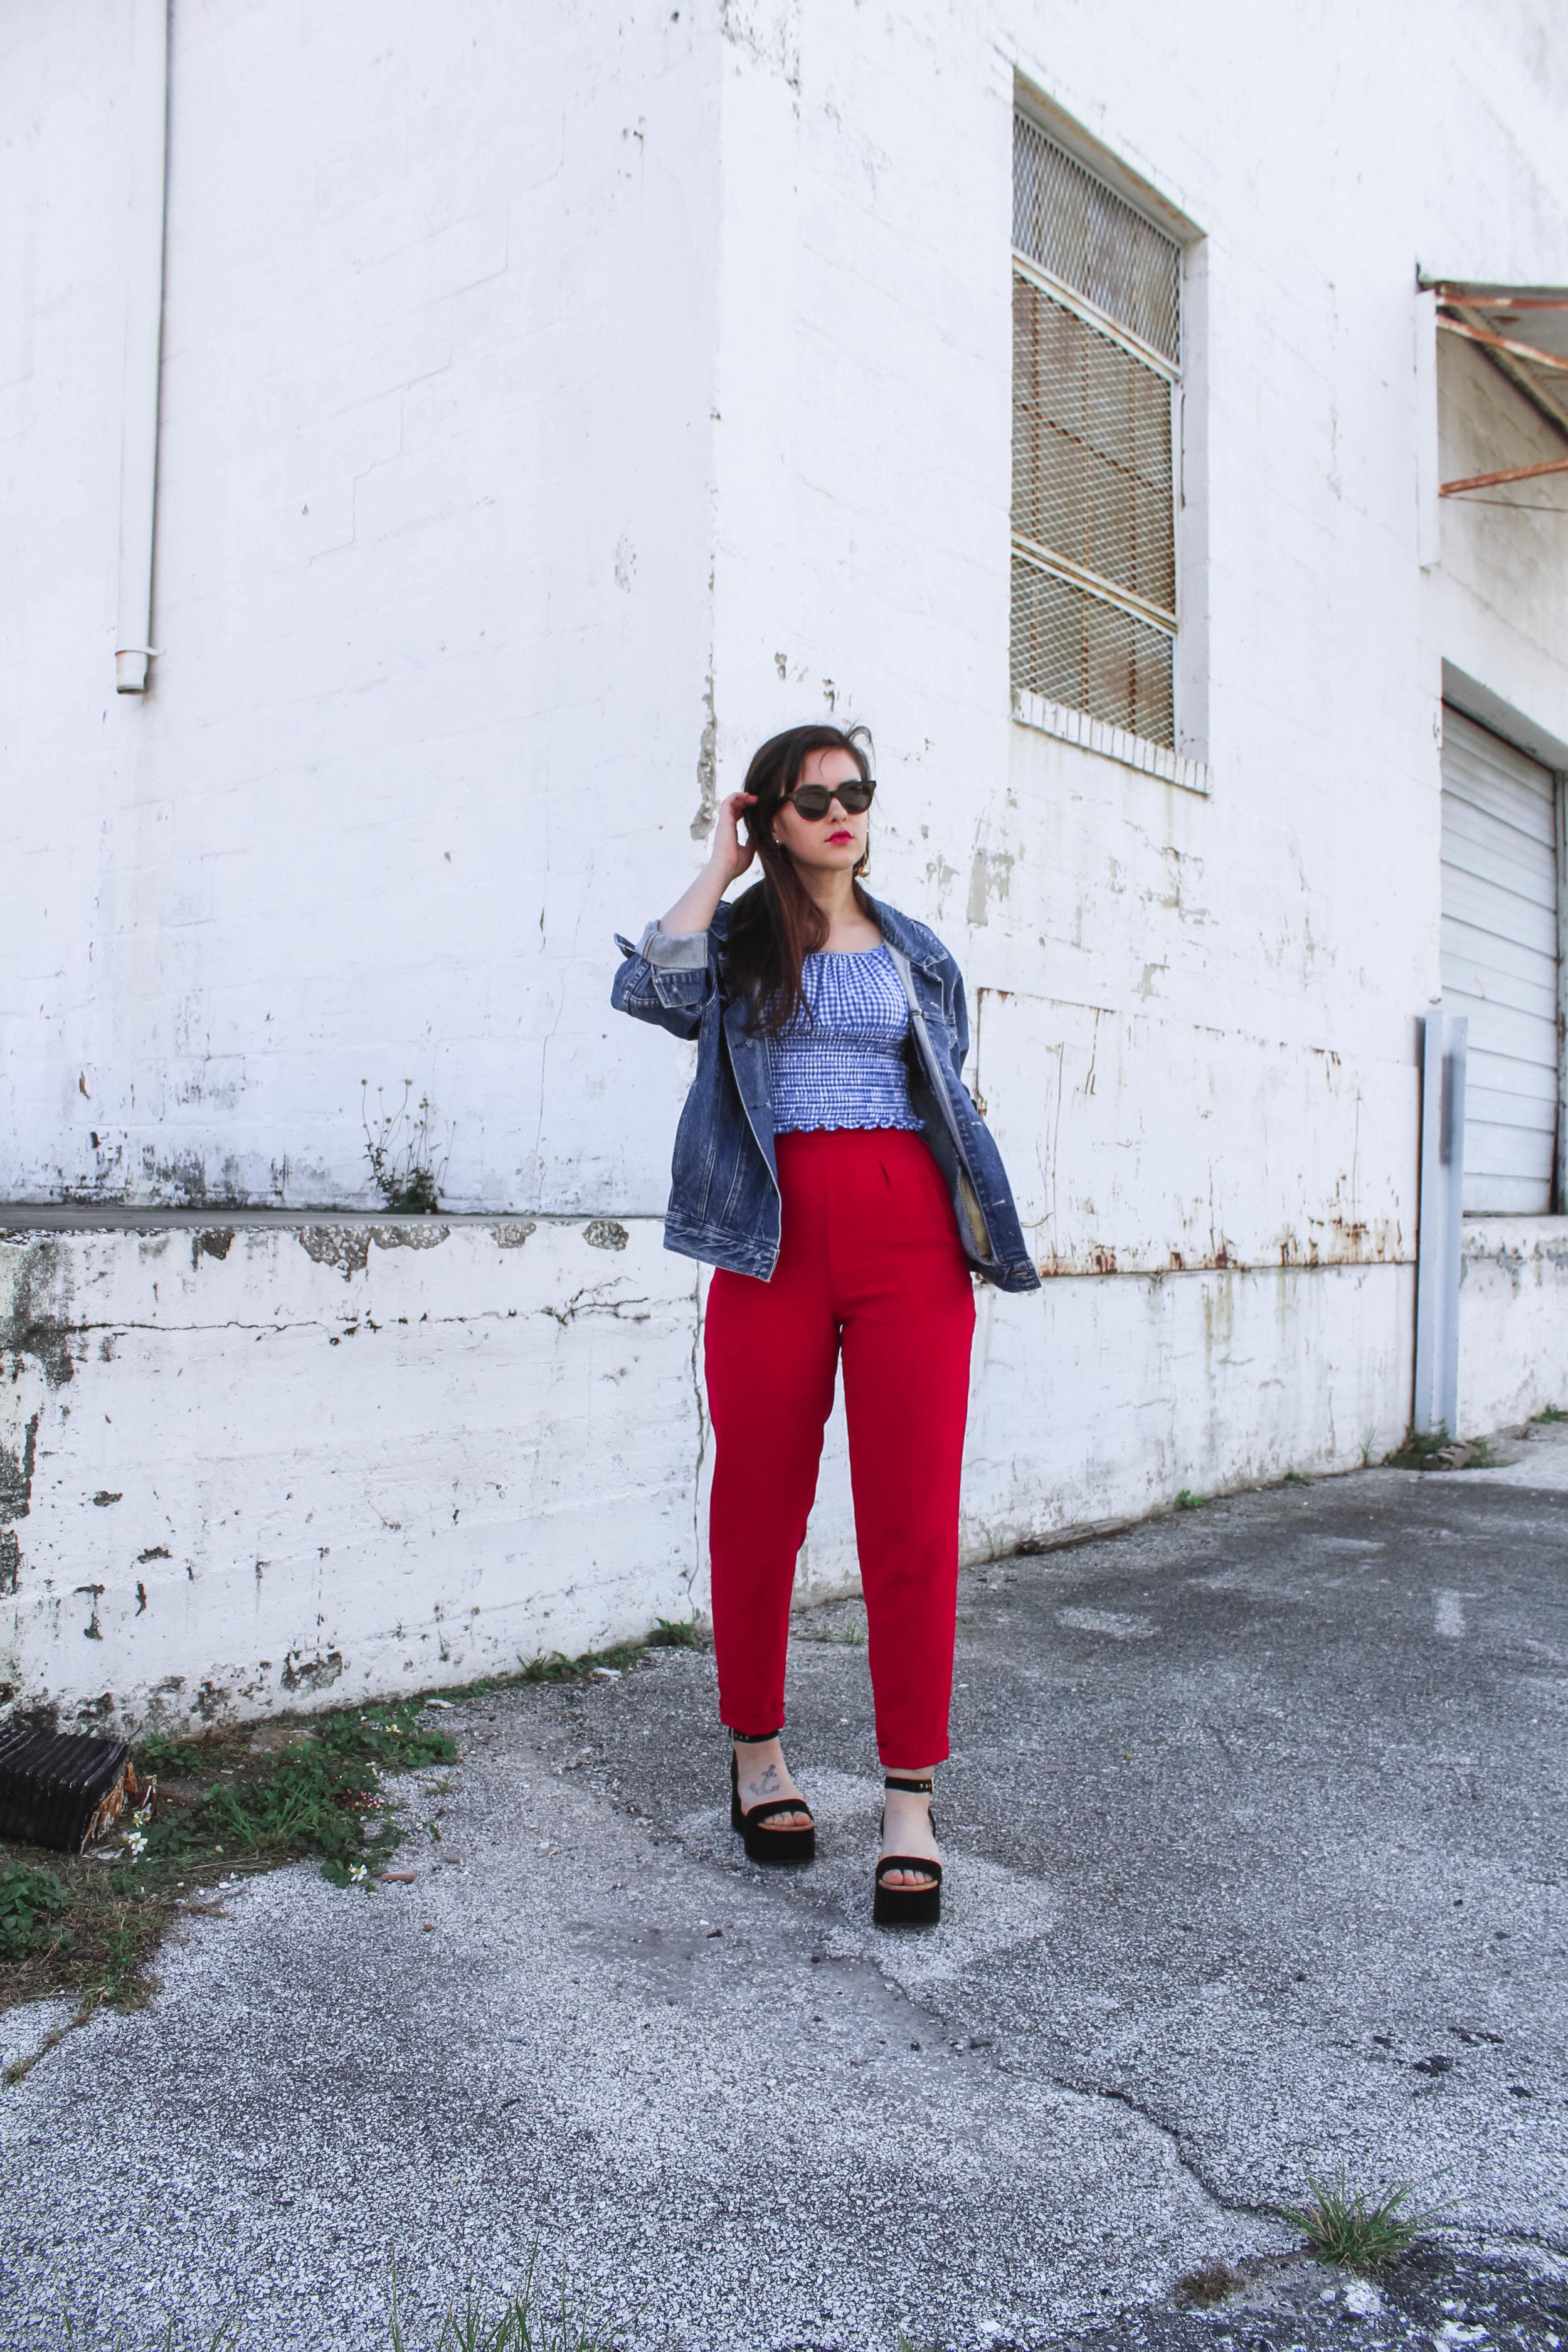 redtrousers-4.jpg